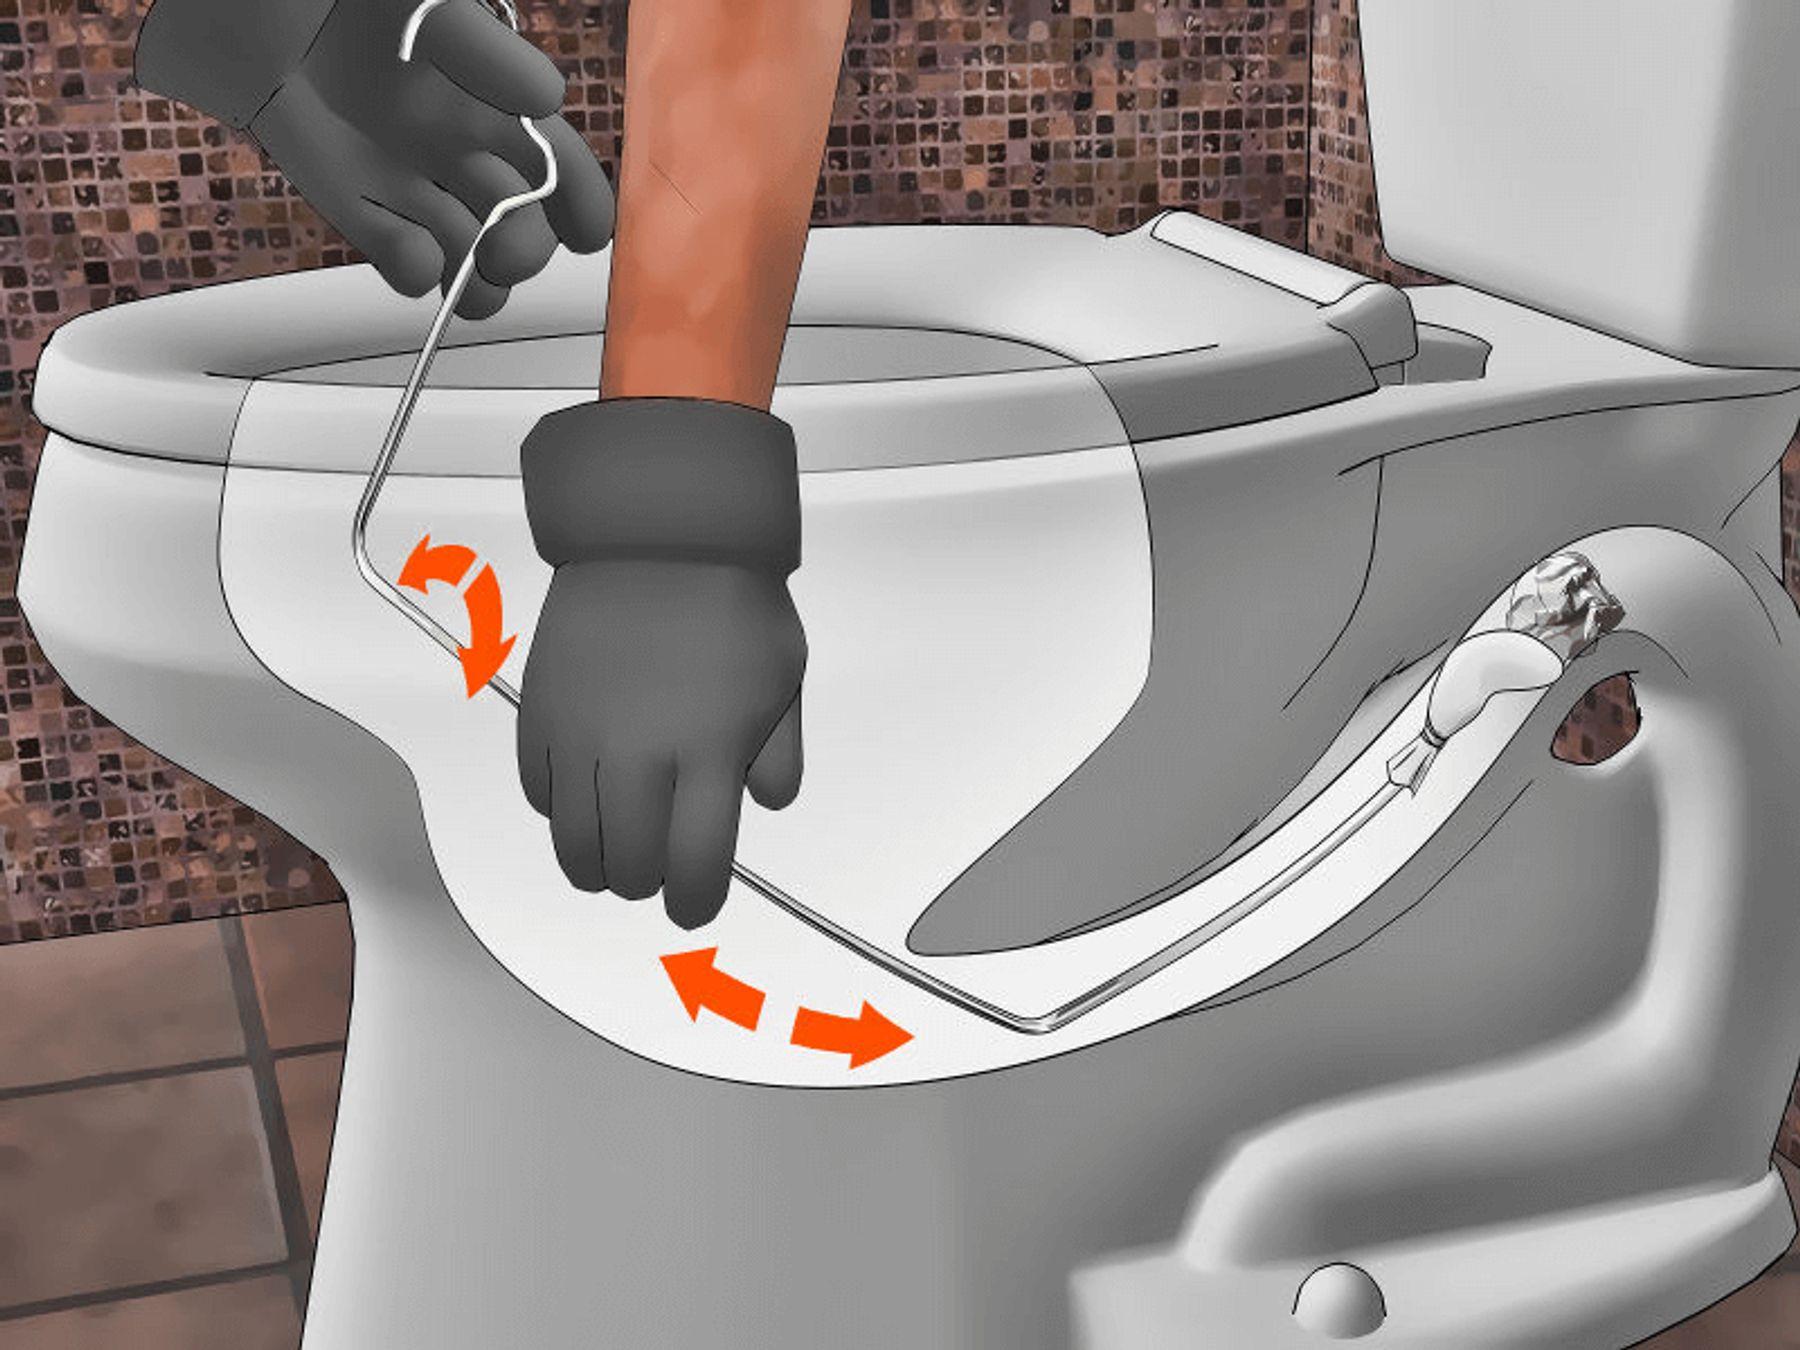 Cách thông tắc bồn cầu bị nghẹt bằng móc treo quần áo | Cleanipedia